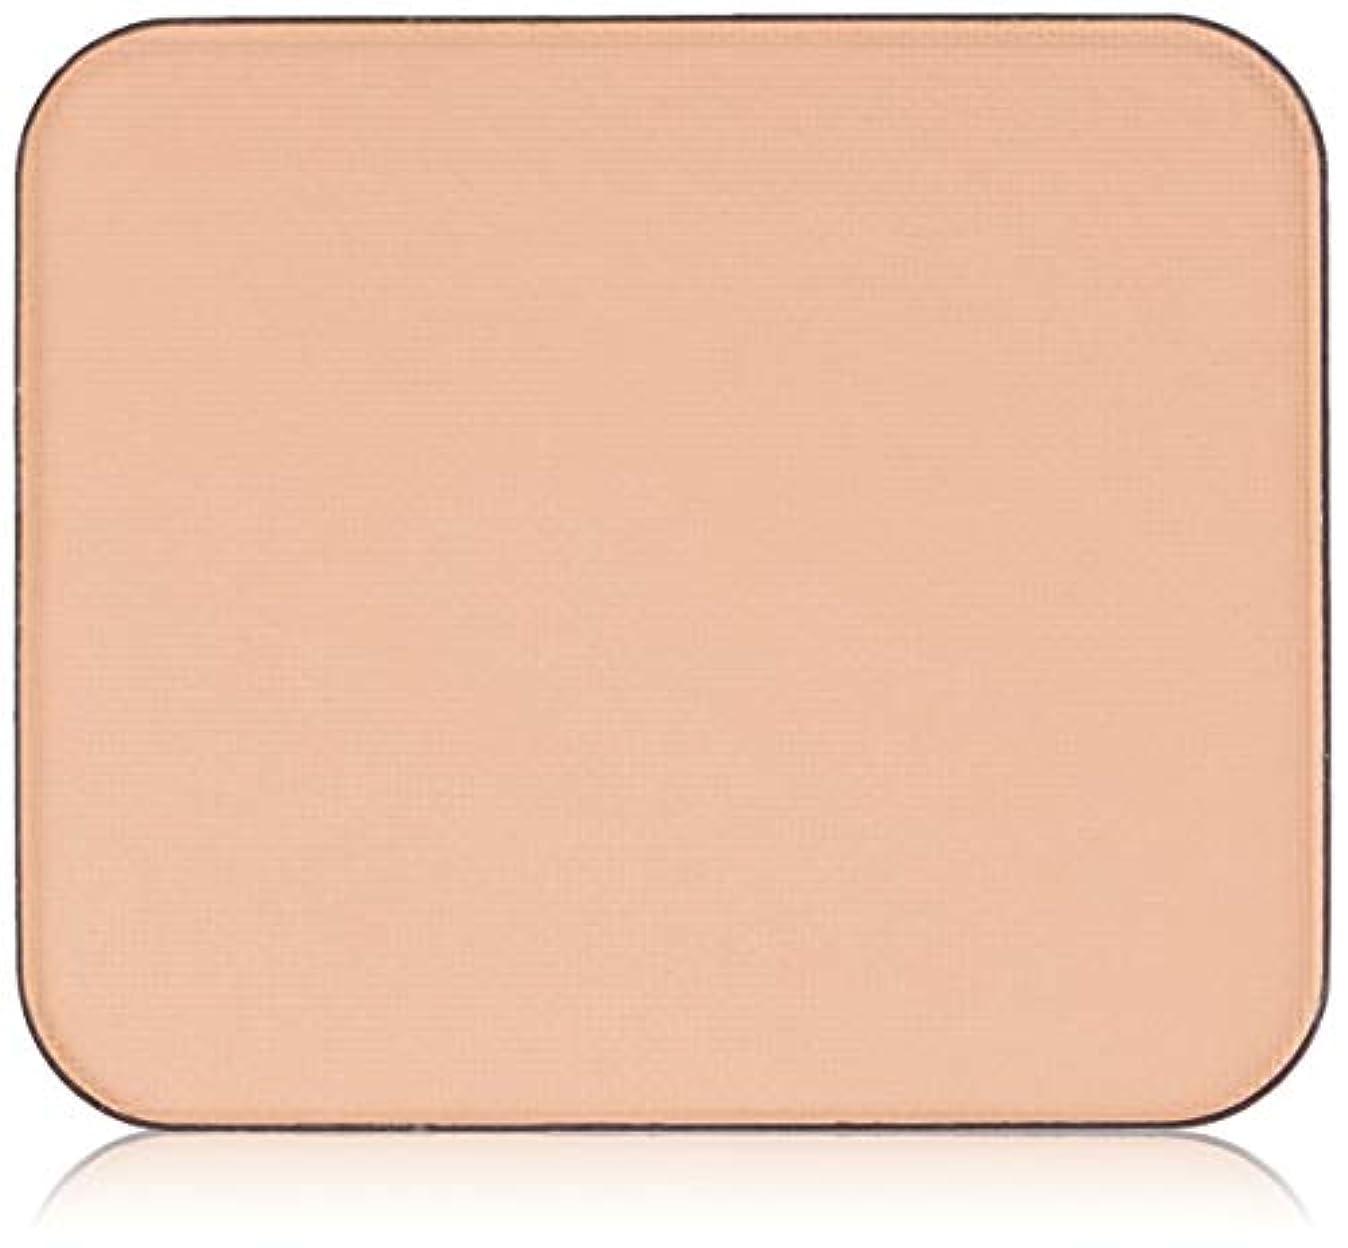 モードリン推測なかなかCelvoke(セルヴォーク) インテントスキン パウダーファンデーション 全5色 102 明るいオークル系(標準色)